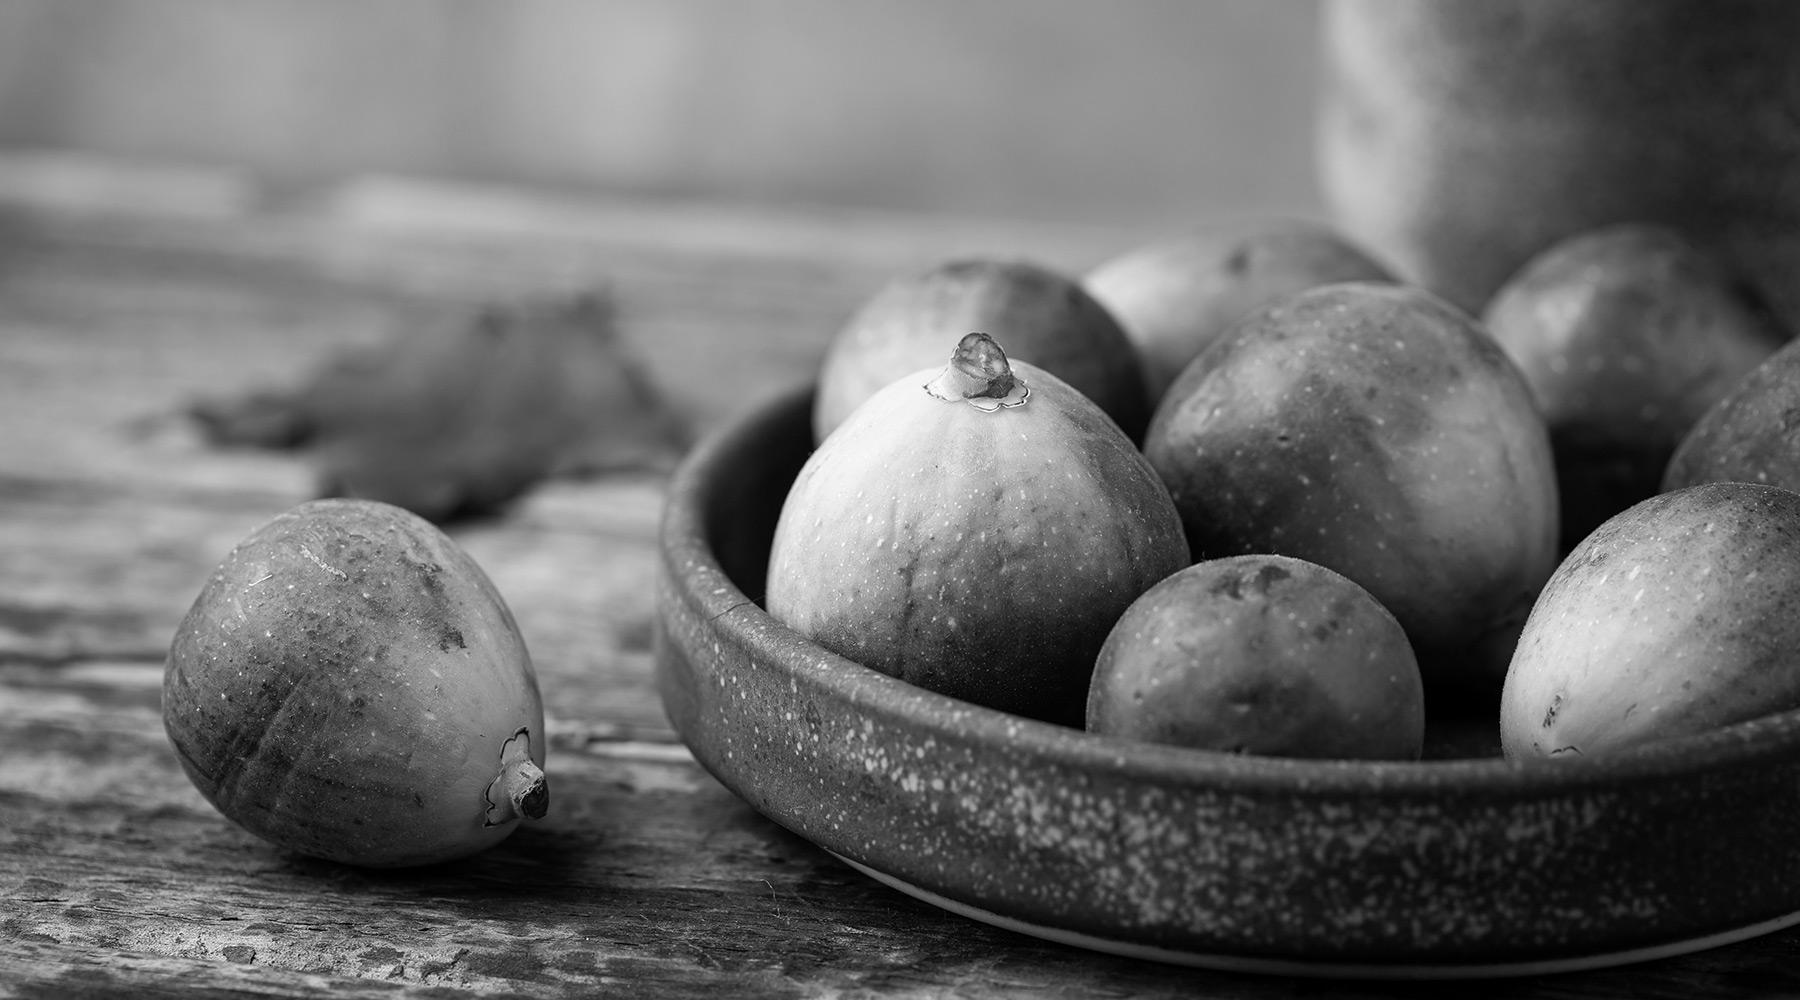 Azara bowl of figs